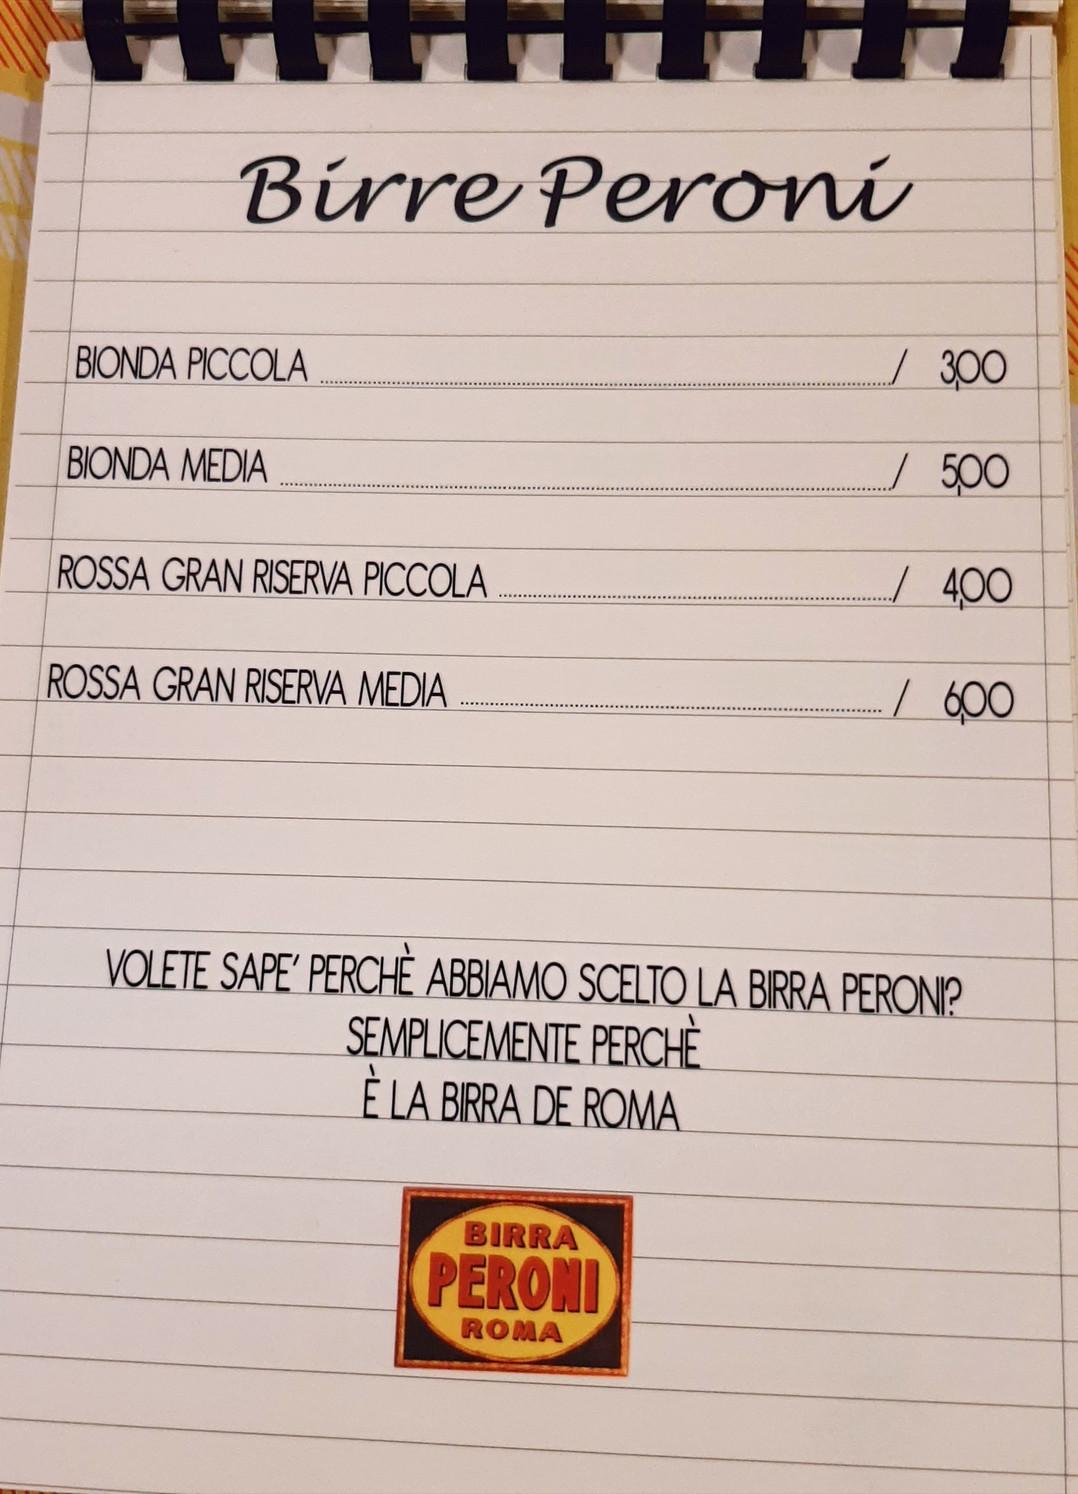 menu #osteriadarbruttone_edited.jpg